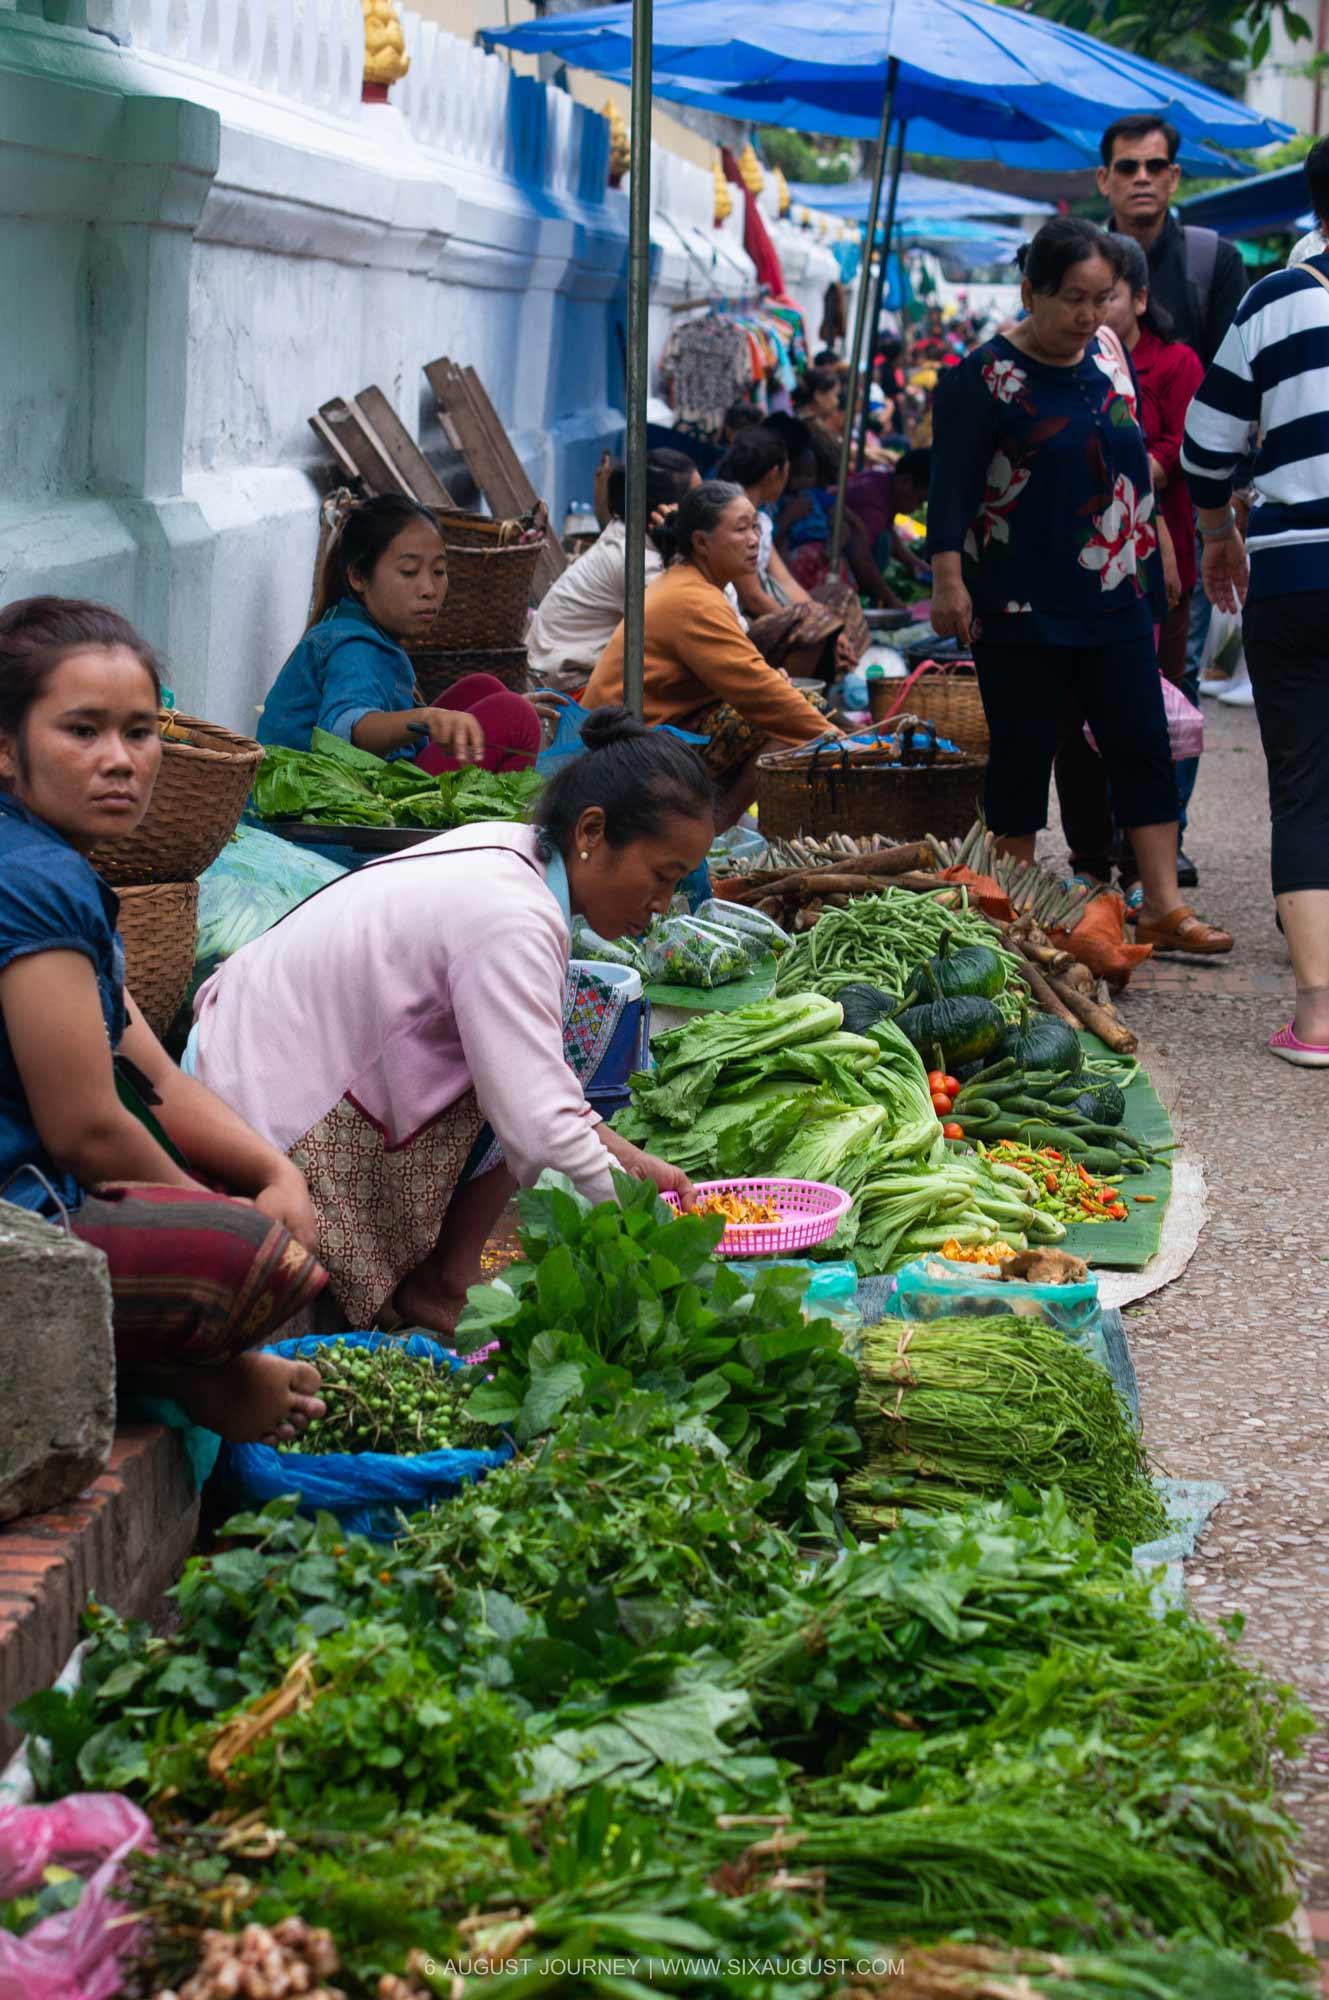 ตลาดเช้า หลวงพระบาง ที่เที่ยว